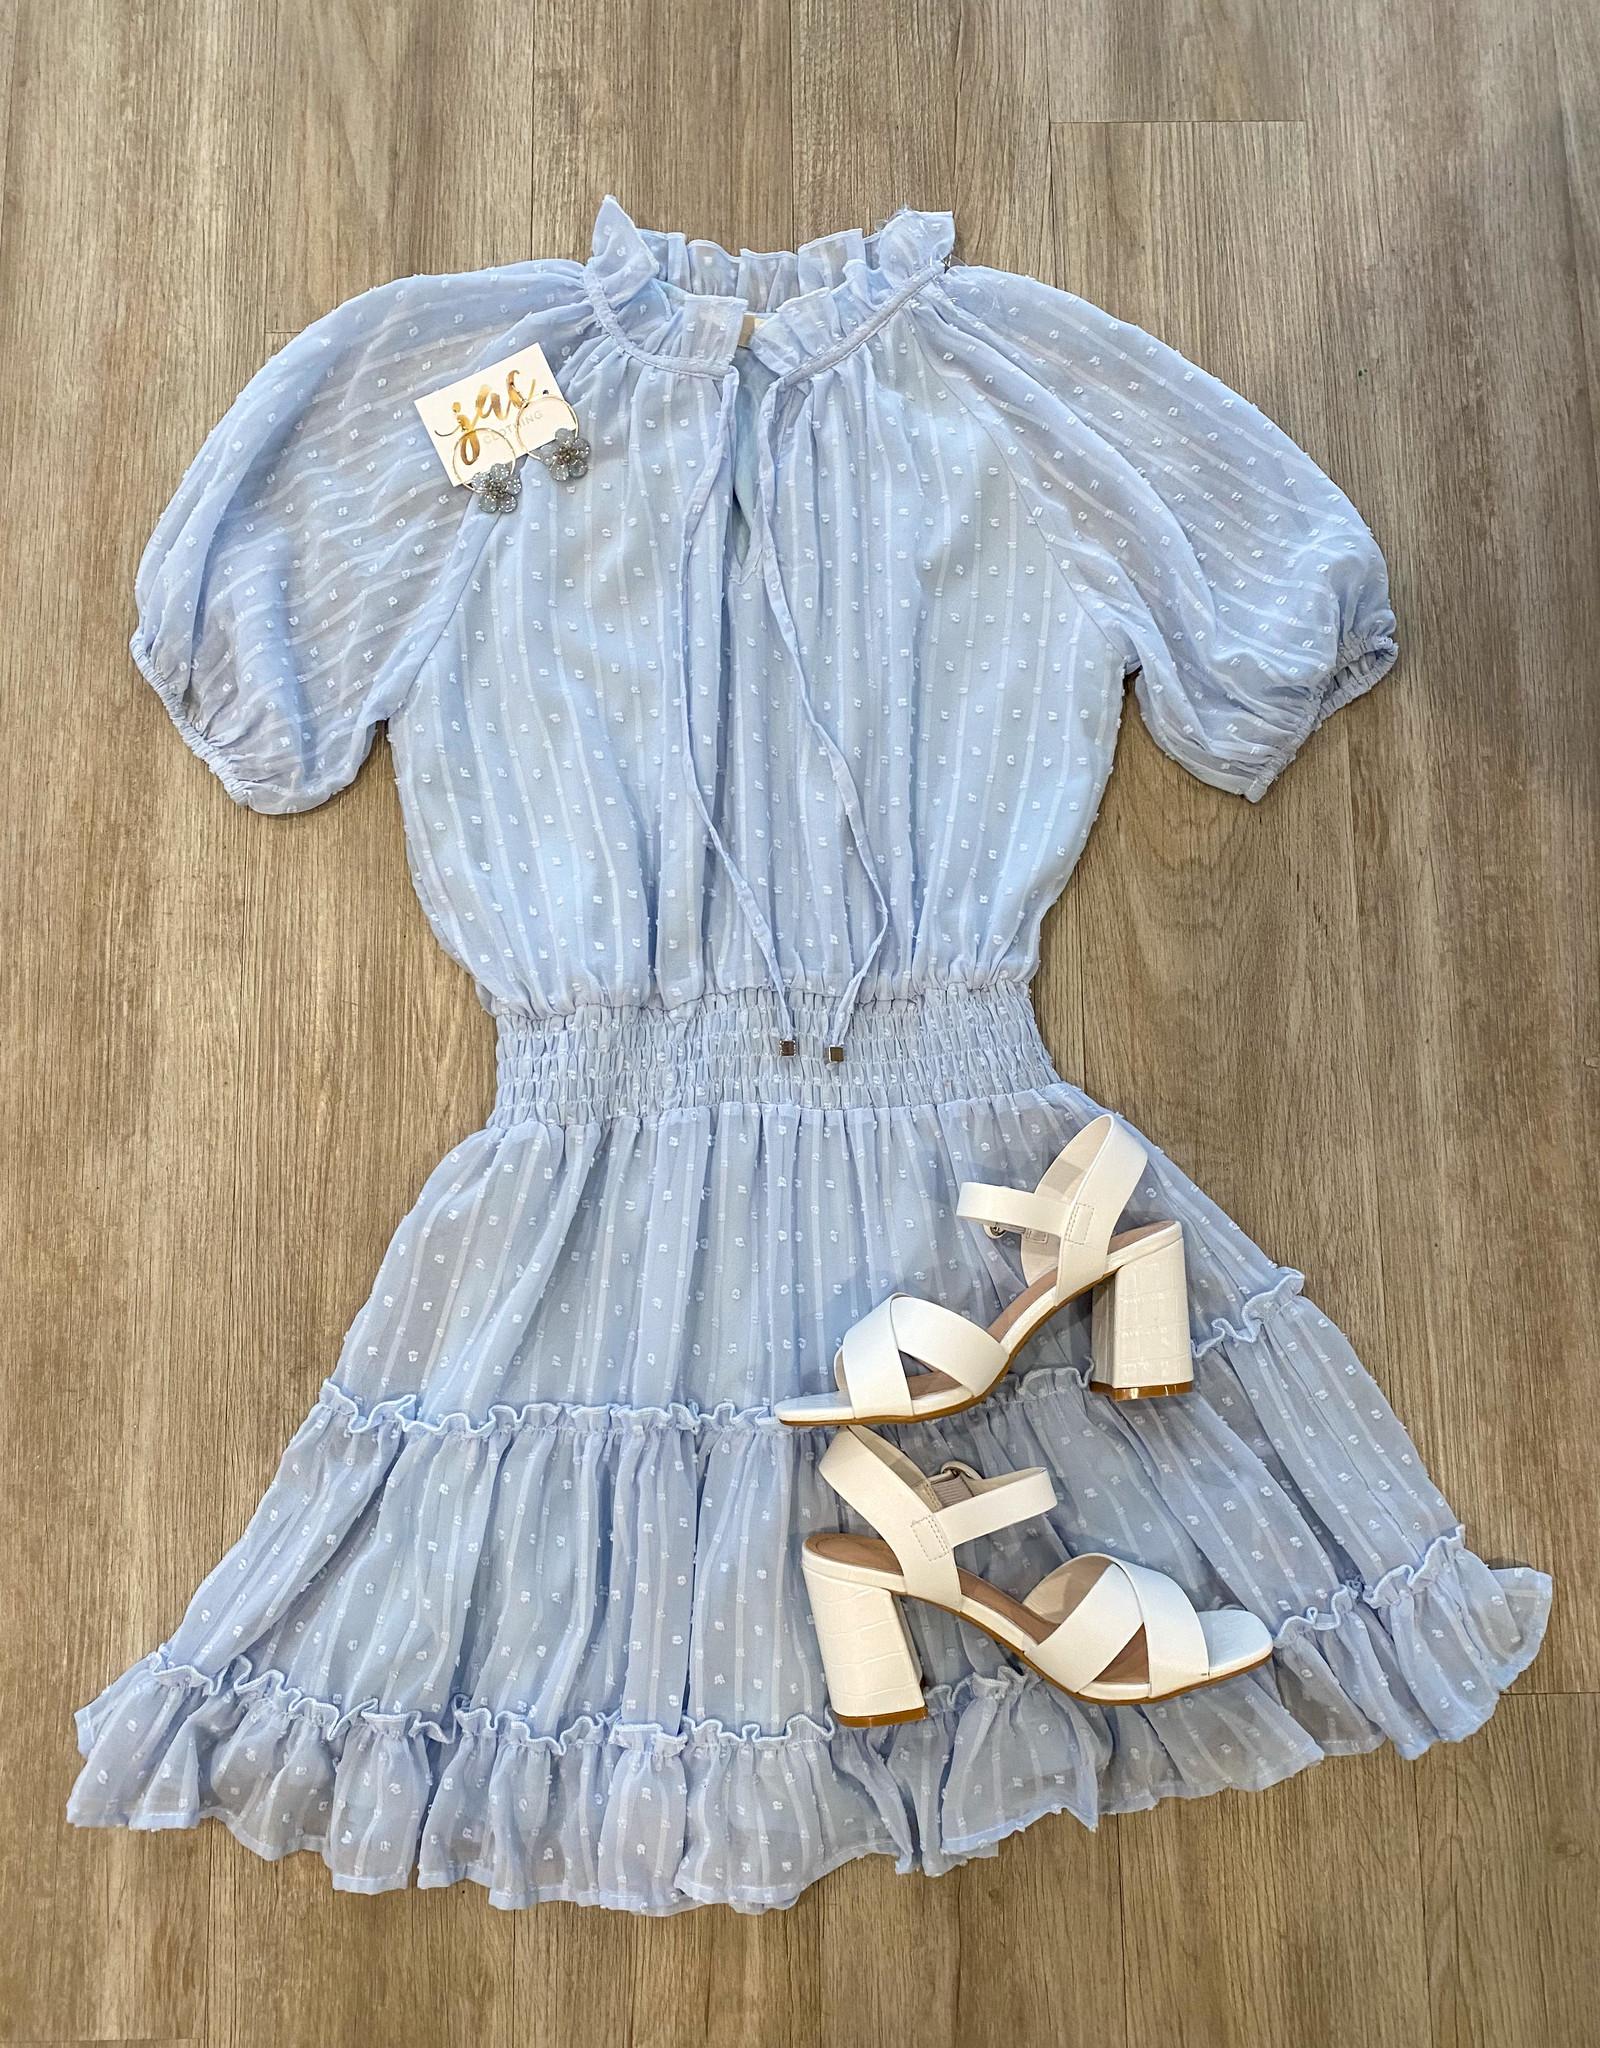 Breakers Dress